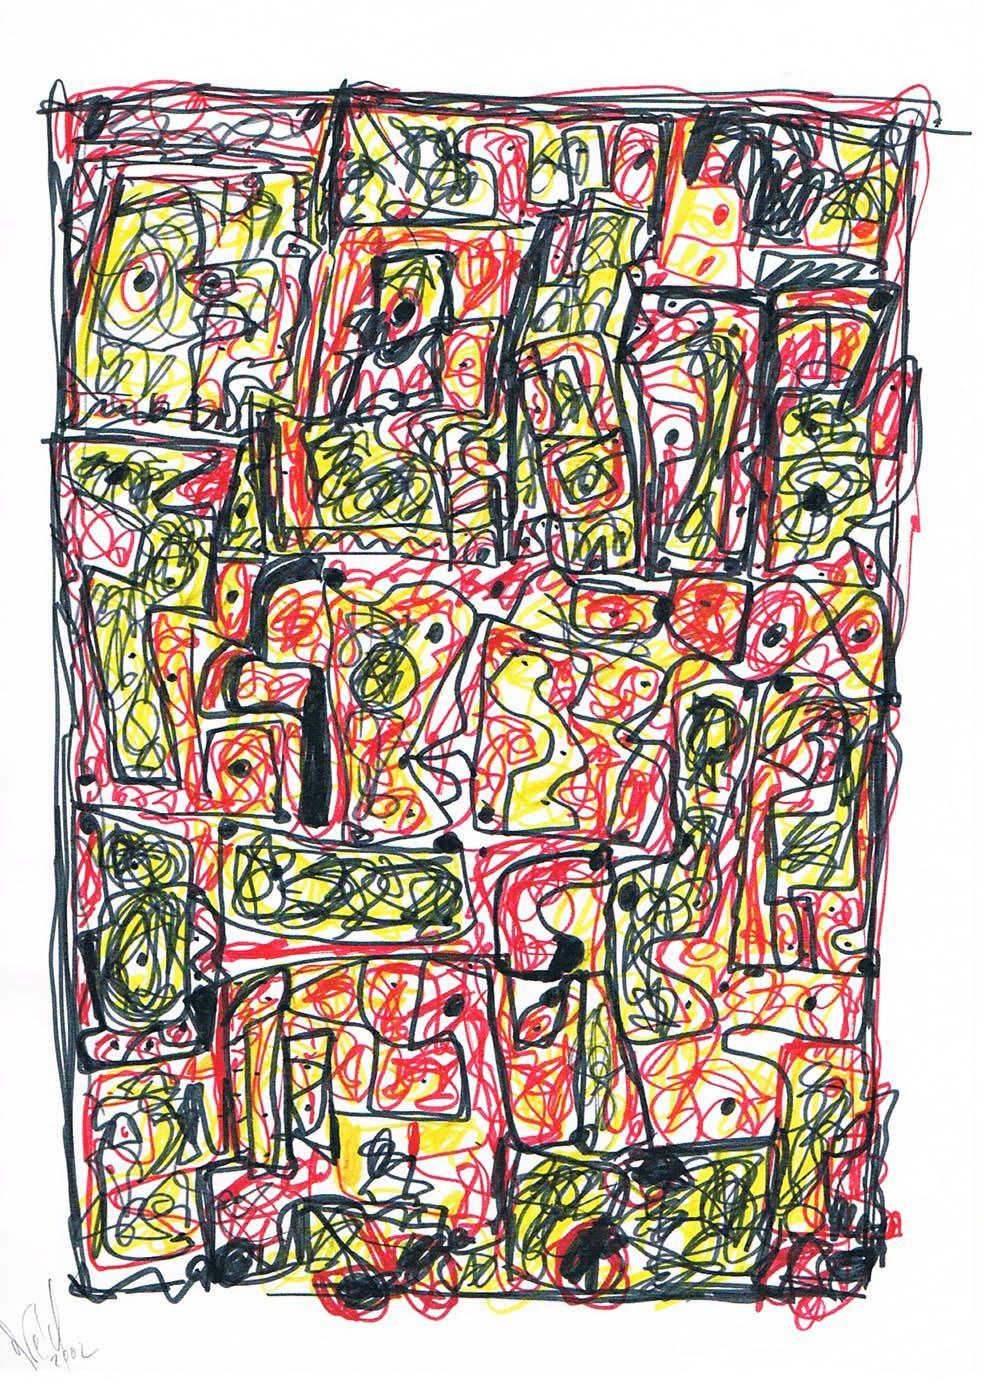 MARC FELD 2002 VOLIÈRE 6 Stylo feutre sur papier 21 x 29,7 cm